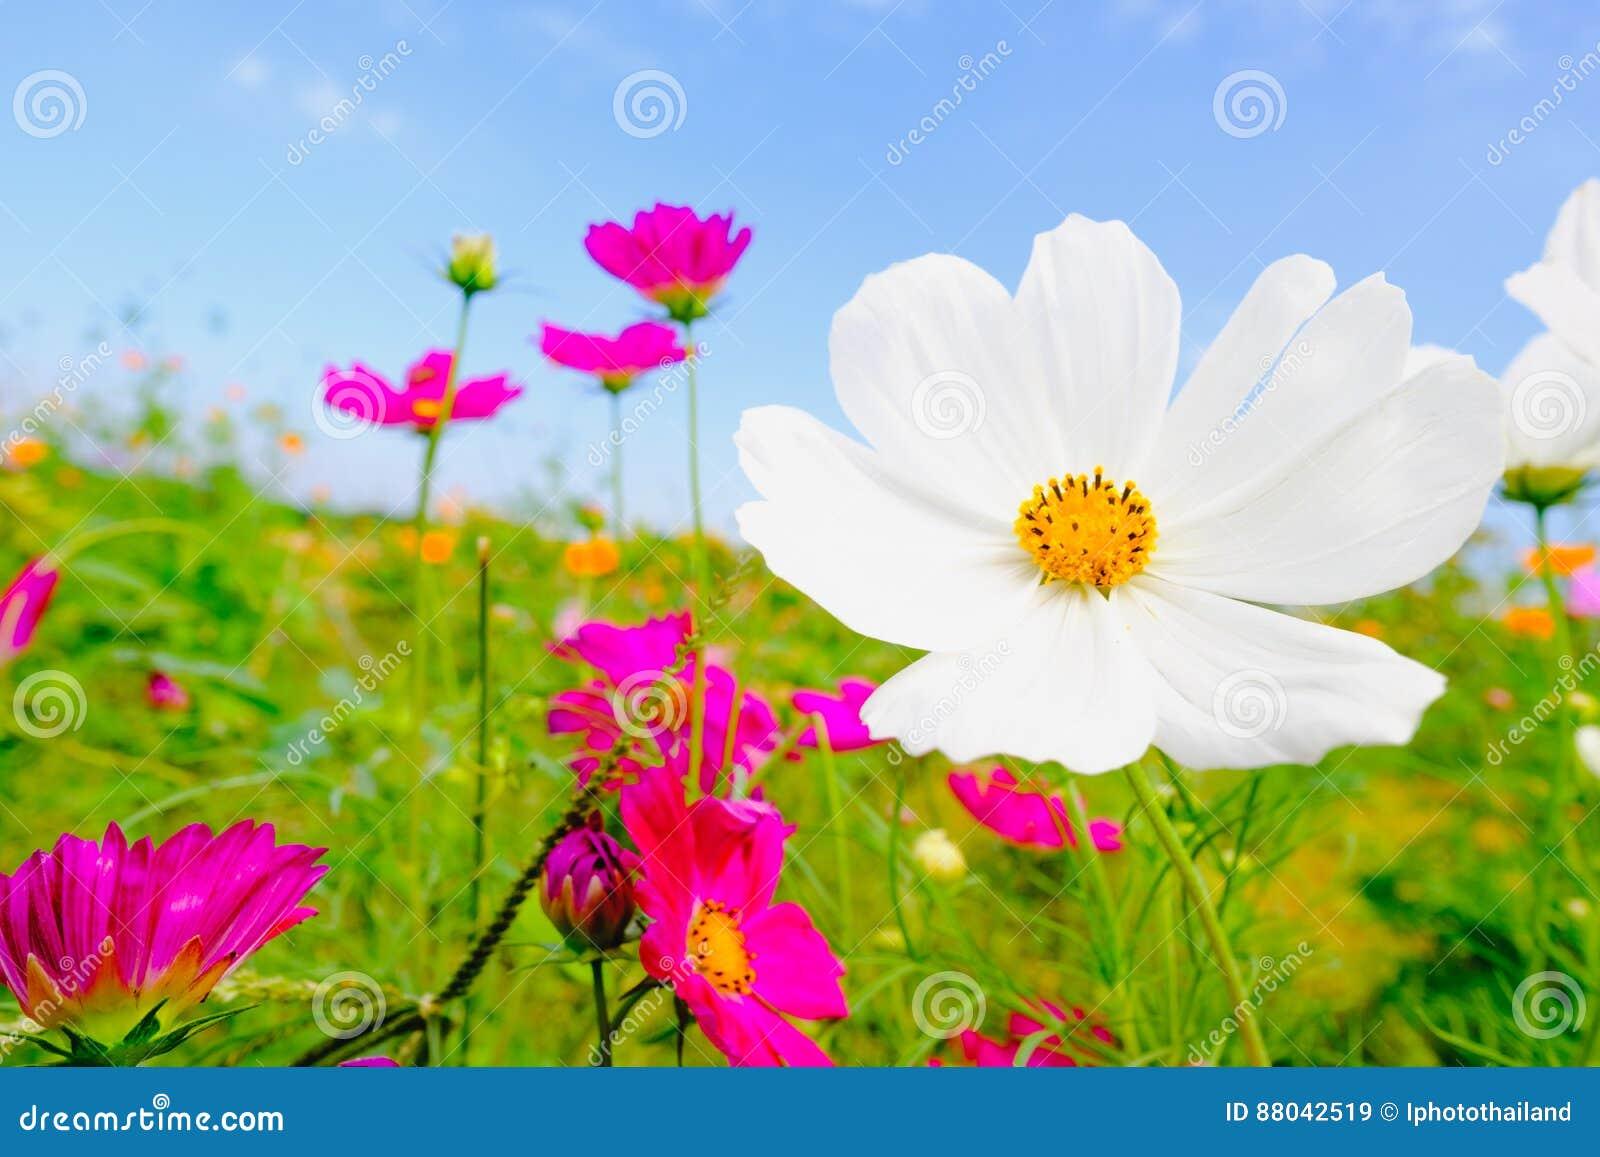 h lzerne tabelle mit rosa cosmea blume unter sonnenlicht und blauem himmel stockbild bild von. Black Bedroom Furniture Sets. Home Design Ideas